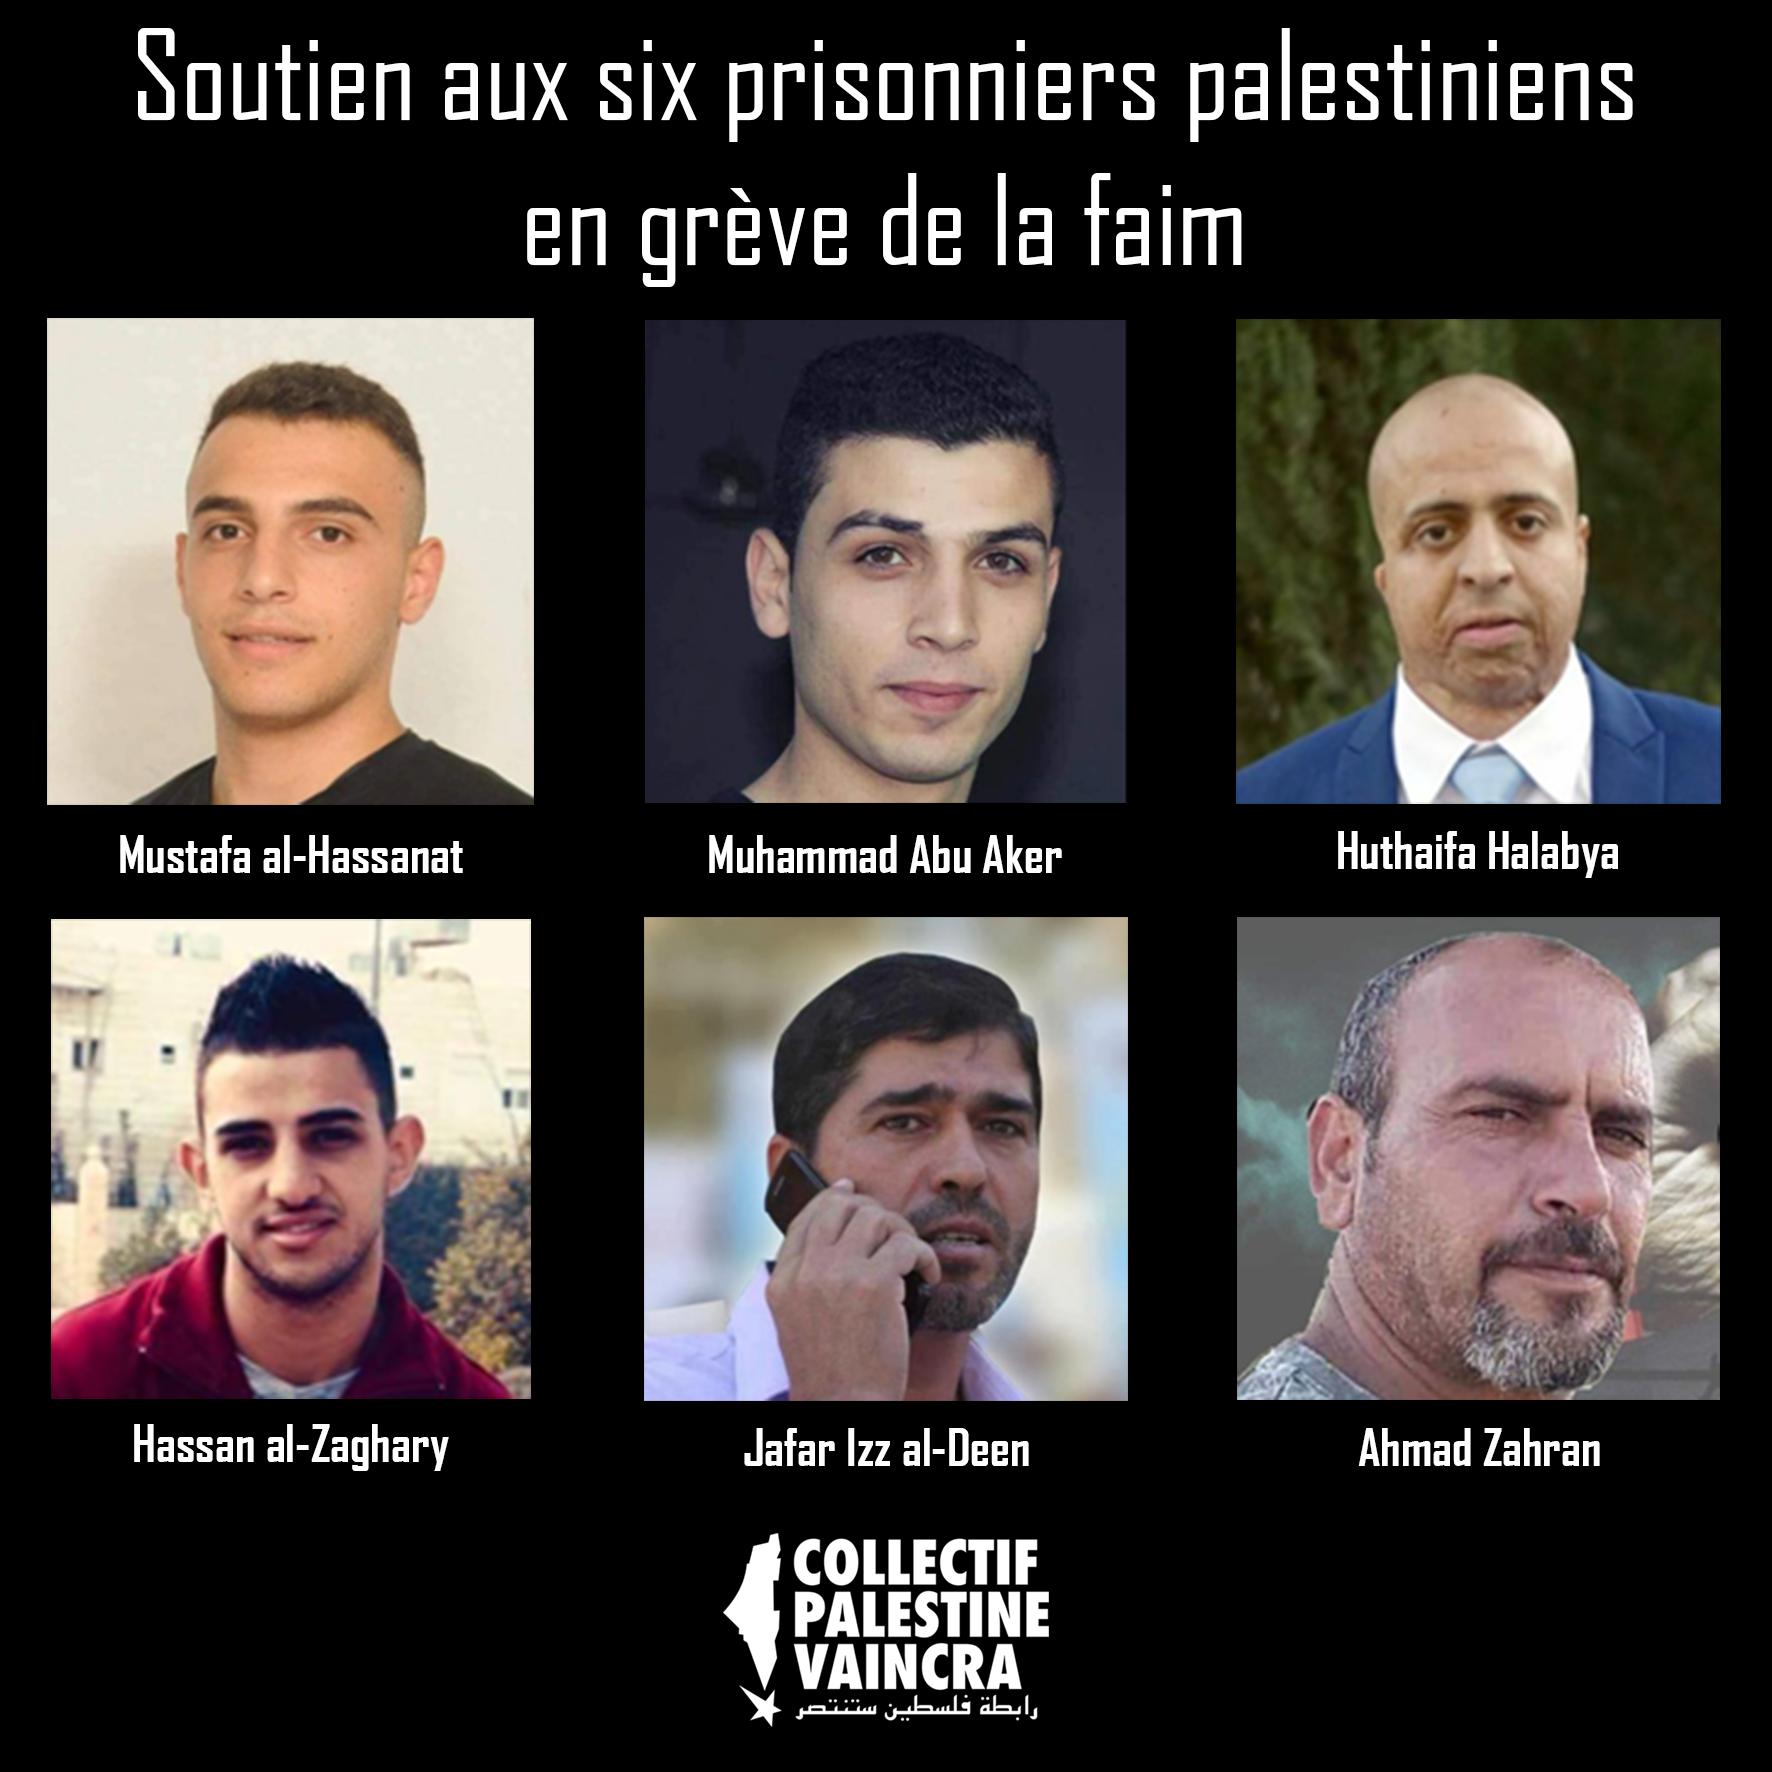 Six des 28 prisonniers en grève de la faim